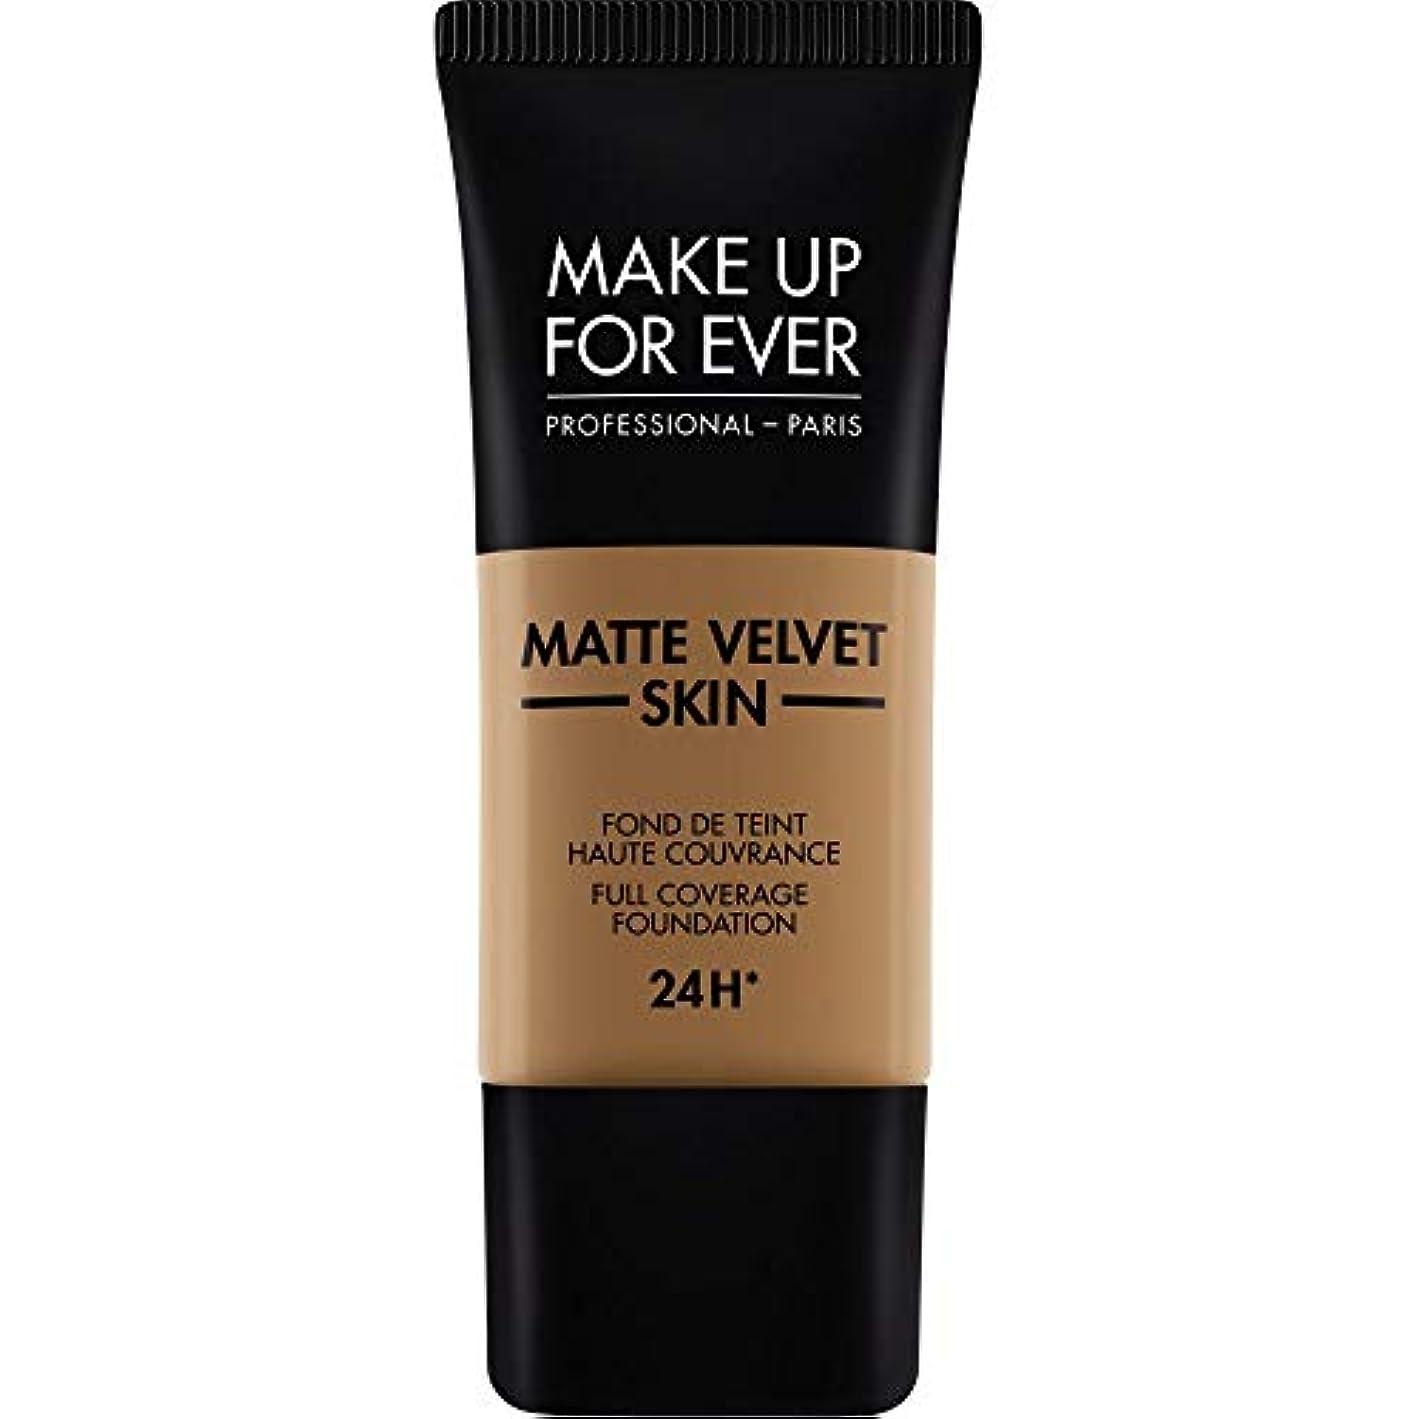 刺激する信頼性のある流体[MAKE UP FOR EVER ] これまでマットベルベットの皮膚のフルカバレッジ基礎30ミリリットルのY505を補う - コニャック - MAKE UP FOR EVER Matte Velvet Skin Full...